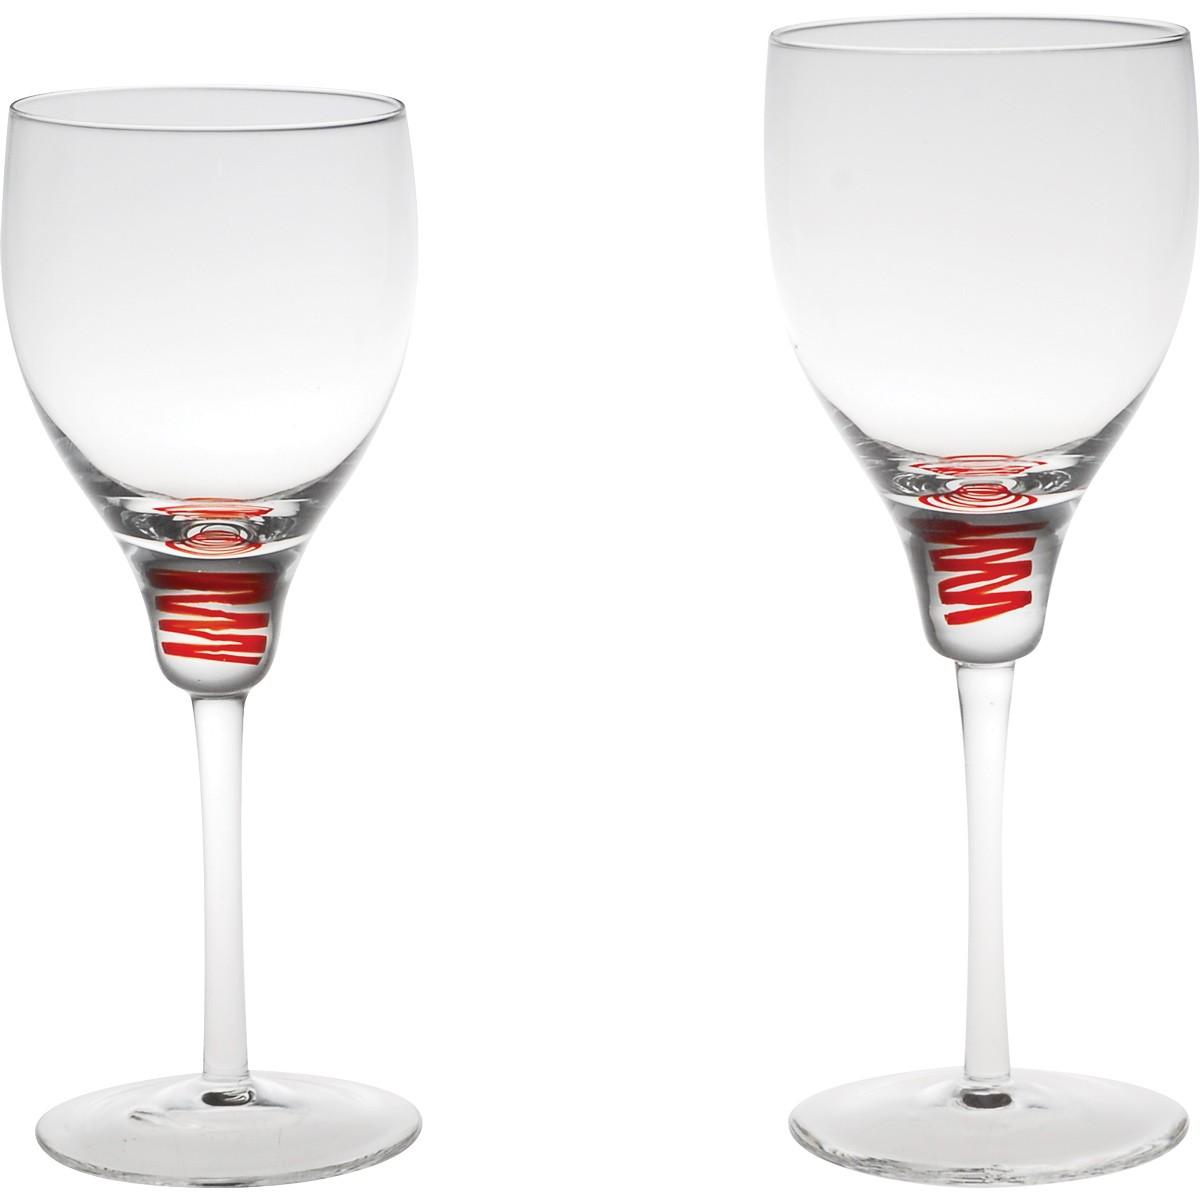 Ποτήρια Κρασιού Κολωνάτα (Σετ 12τμχ) Home Design SXIRW/9144